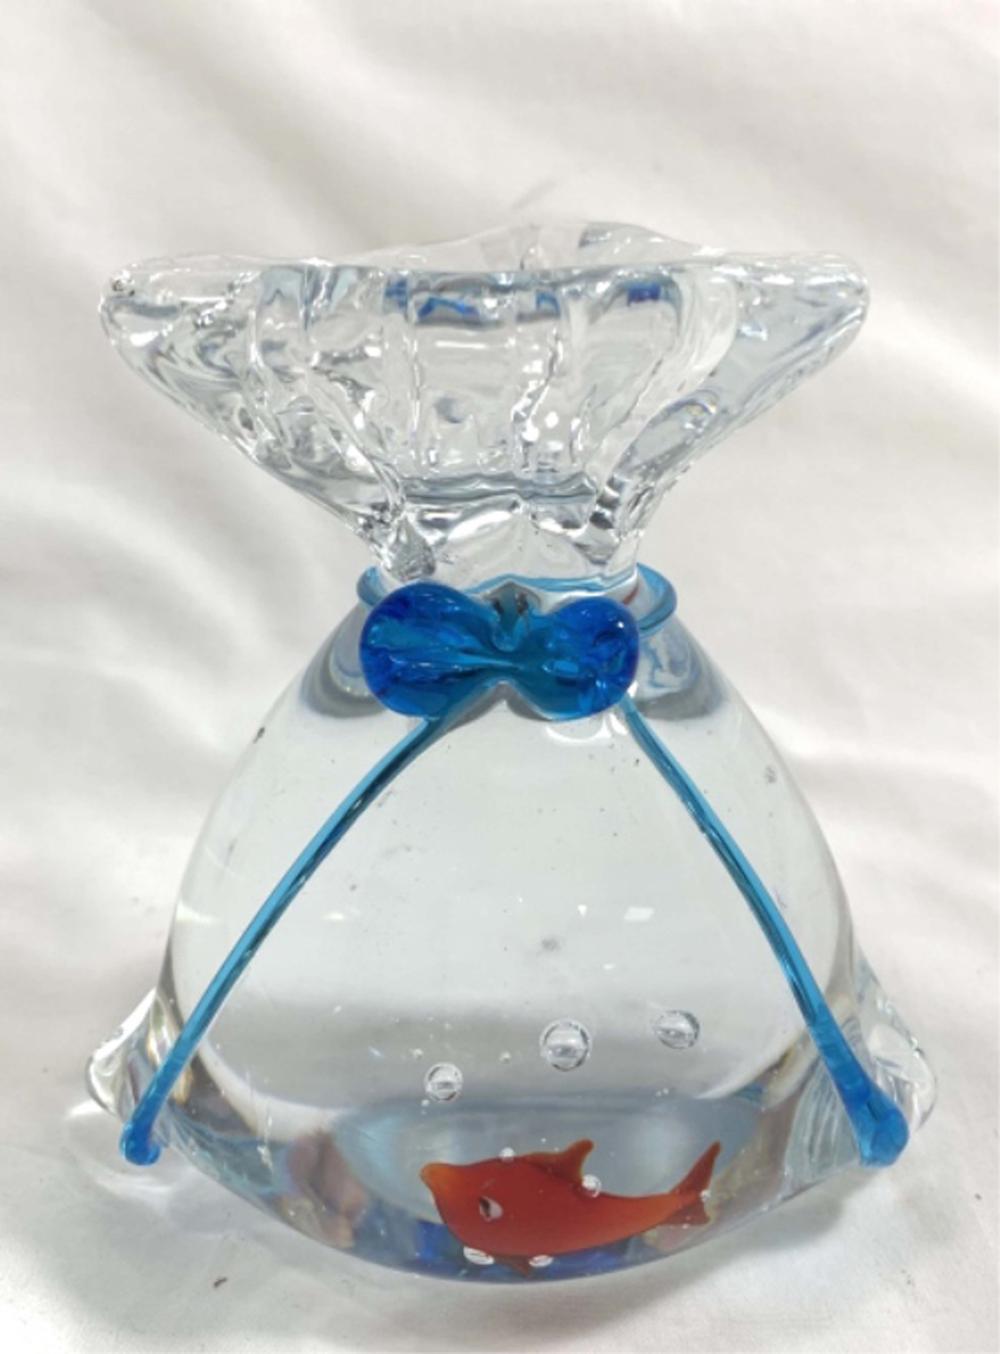 VERY UNIQUE 3D GOLDFISH GLASS FISHBOWL SCULPTURE